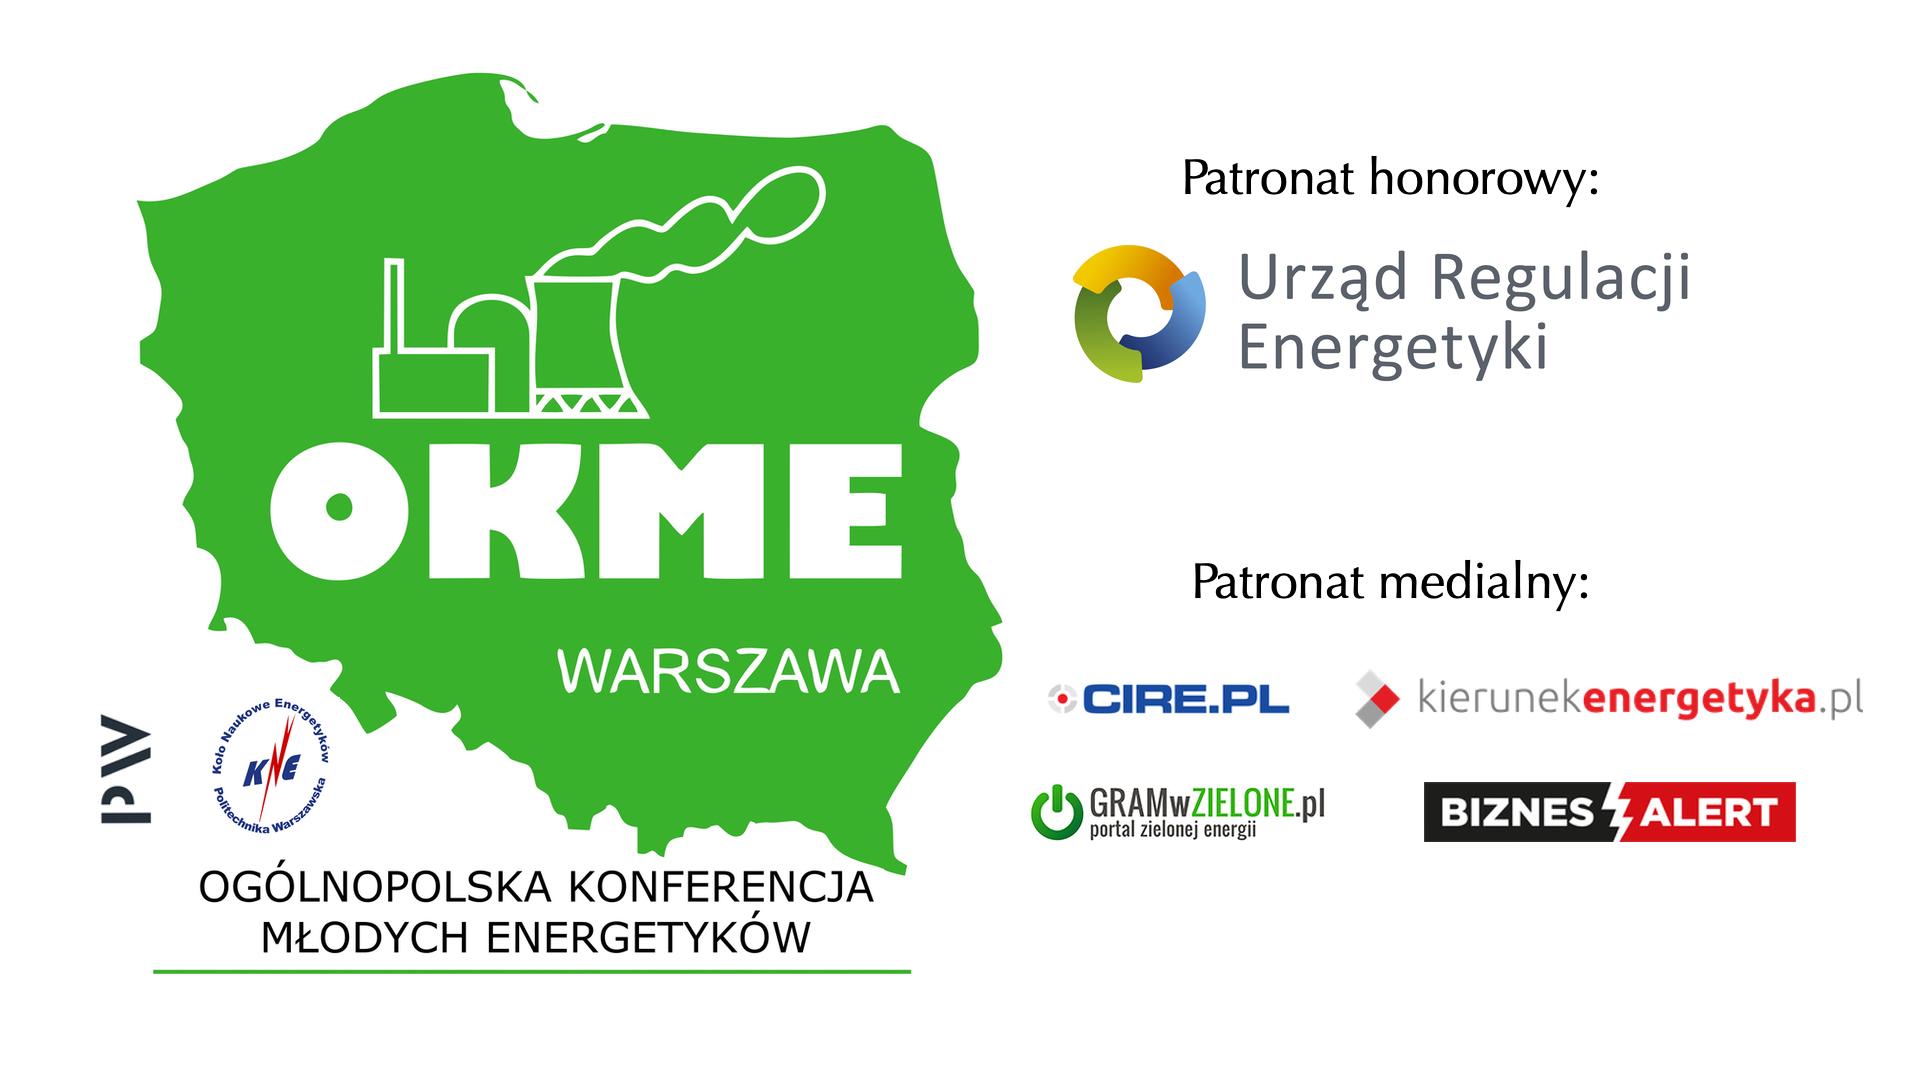 Ogólnopolska Konferencja Młodych Energetyków (OKME)